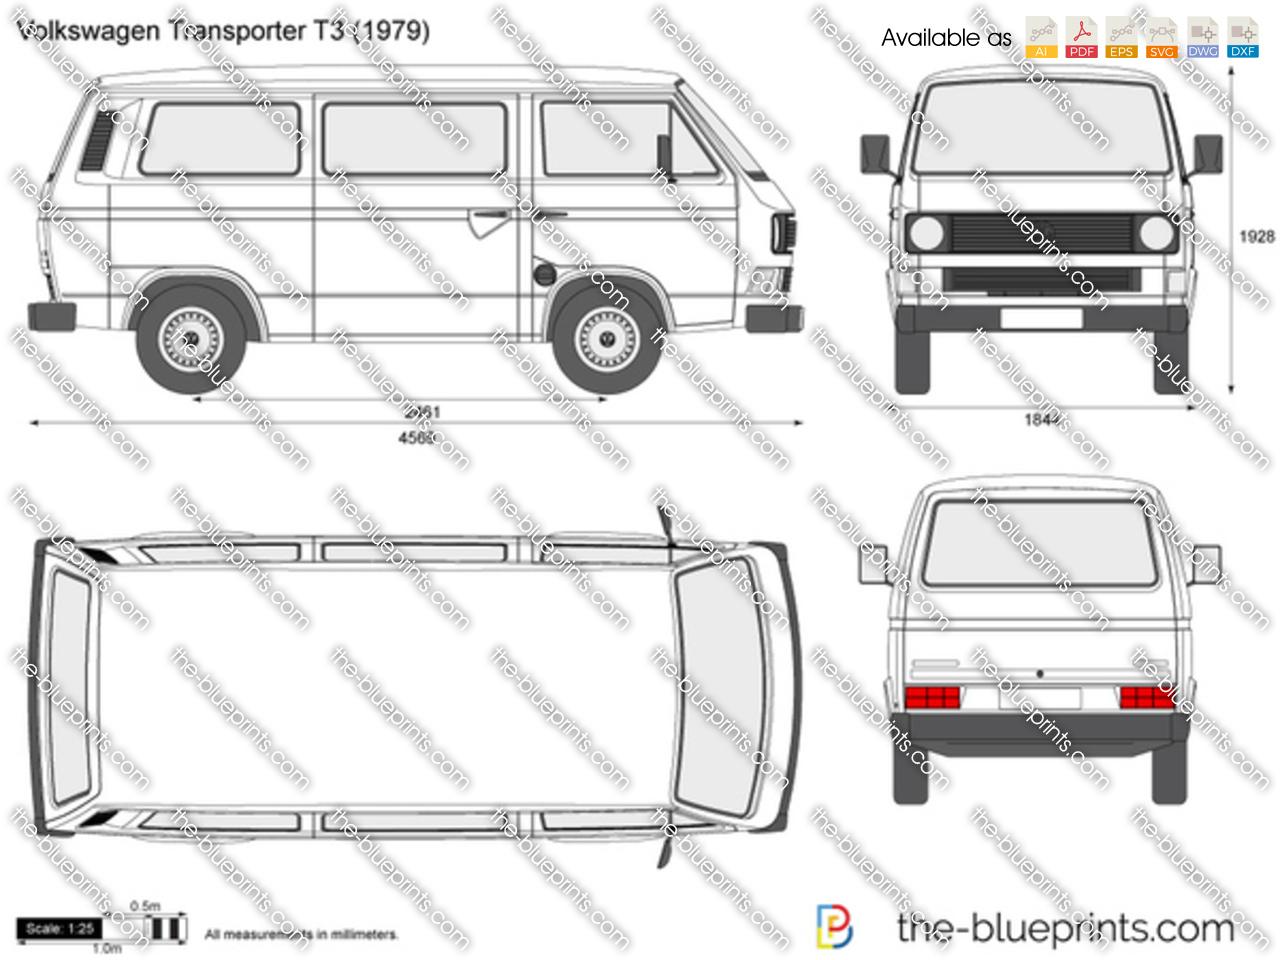 Volkswagen Transporter T3 1991